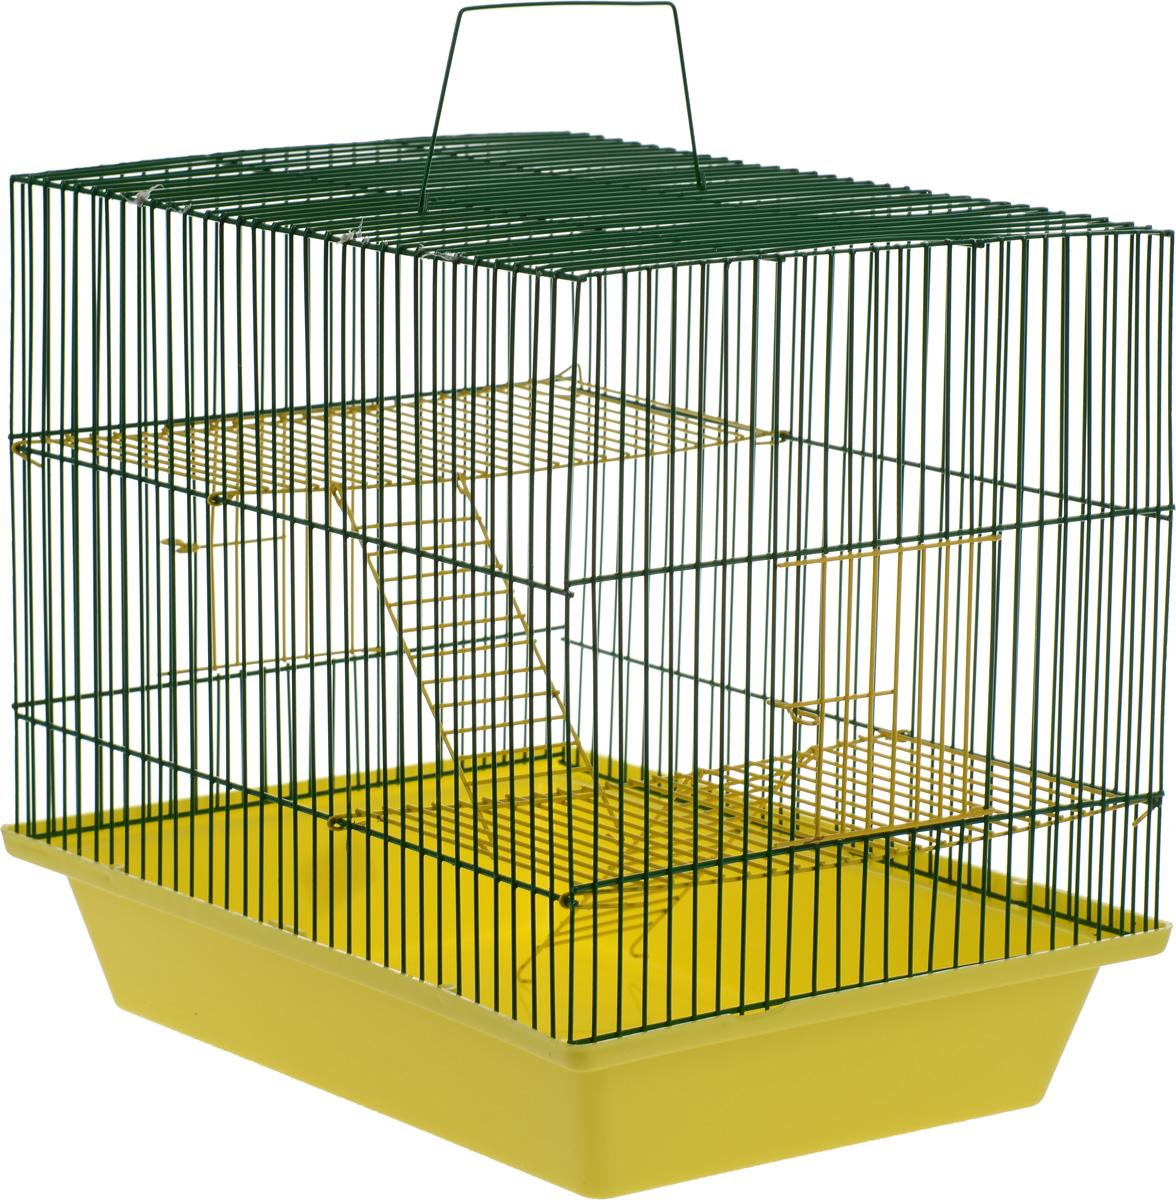 Клетка для грызунов ЗооМарк Гризли, 3-этажная, цвет: желтый поддон, зеленая решетка, желтые этажи, 41 х 30 х 36 см. 230ж230ж_желтый, зеленыйКлетка ЗооМарк Гризли, выполненная из полипропилена и металла, подходит для мелких грызунов. Изделие трехэтажное. Клетка имеет яркий поддон, удобна в использовании и легко чистится. Сверху имеется ручка для переноски. Такая клетка станет уединенным личным пространством и уютным домиком для маленького грызуна.